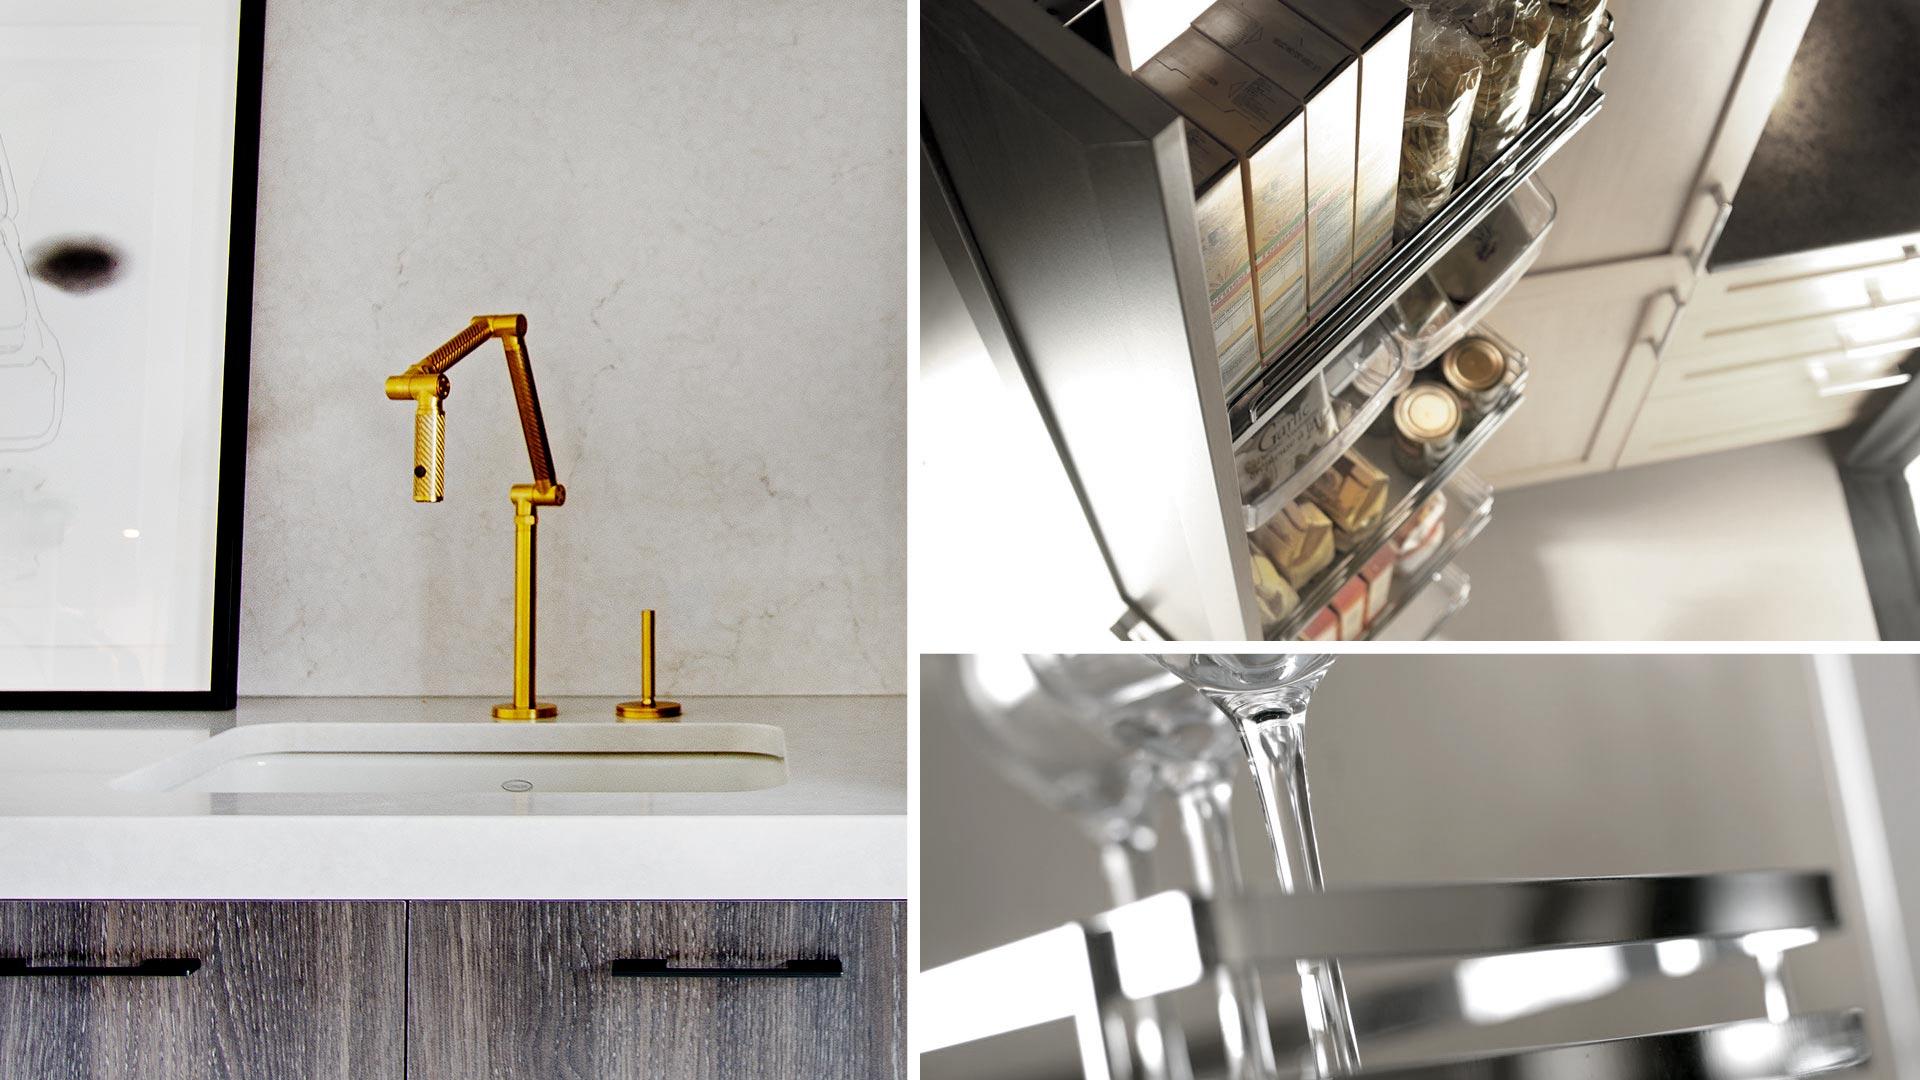 robinetterie l ment ne pas n gliger la robinetterie sera bien souvent la petite touche. Black Bedroom Furniture Sets. Home Design Ideas